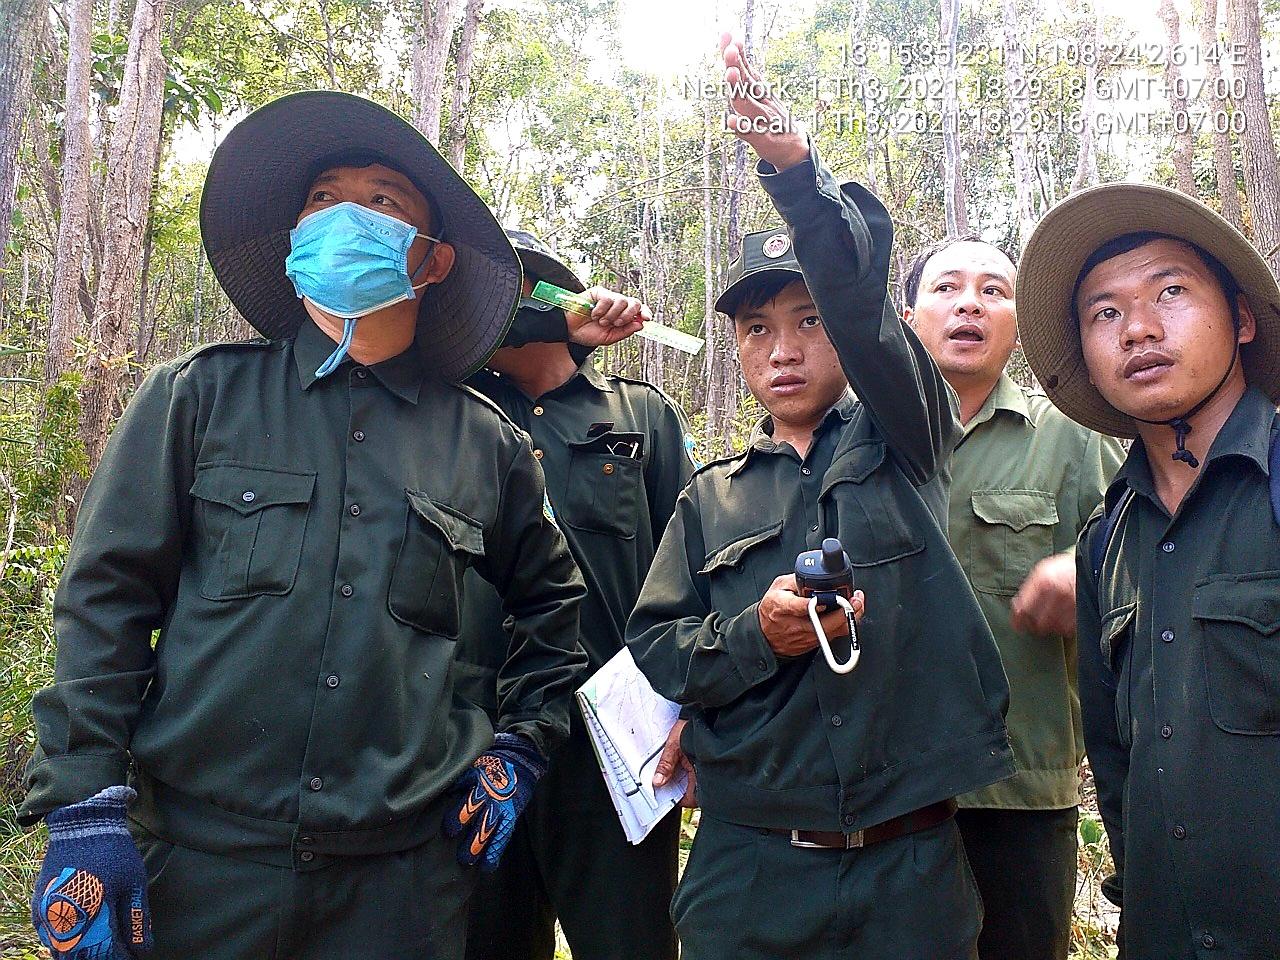 Lâu nay, những chủ rừng vẫn tay không giữ rừng, họ vẫn thiếu những chế tài làm chủ, nhưng rừng bị phá, bị lấn chiếm thì họ phải chịu trách nhiệm.